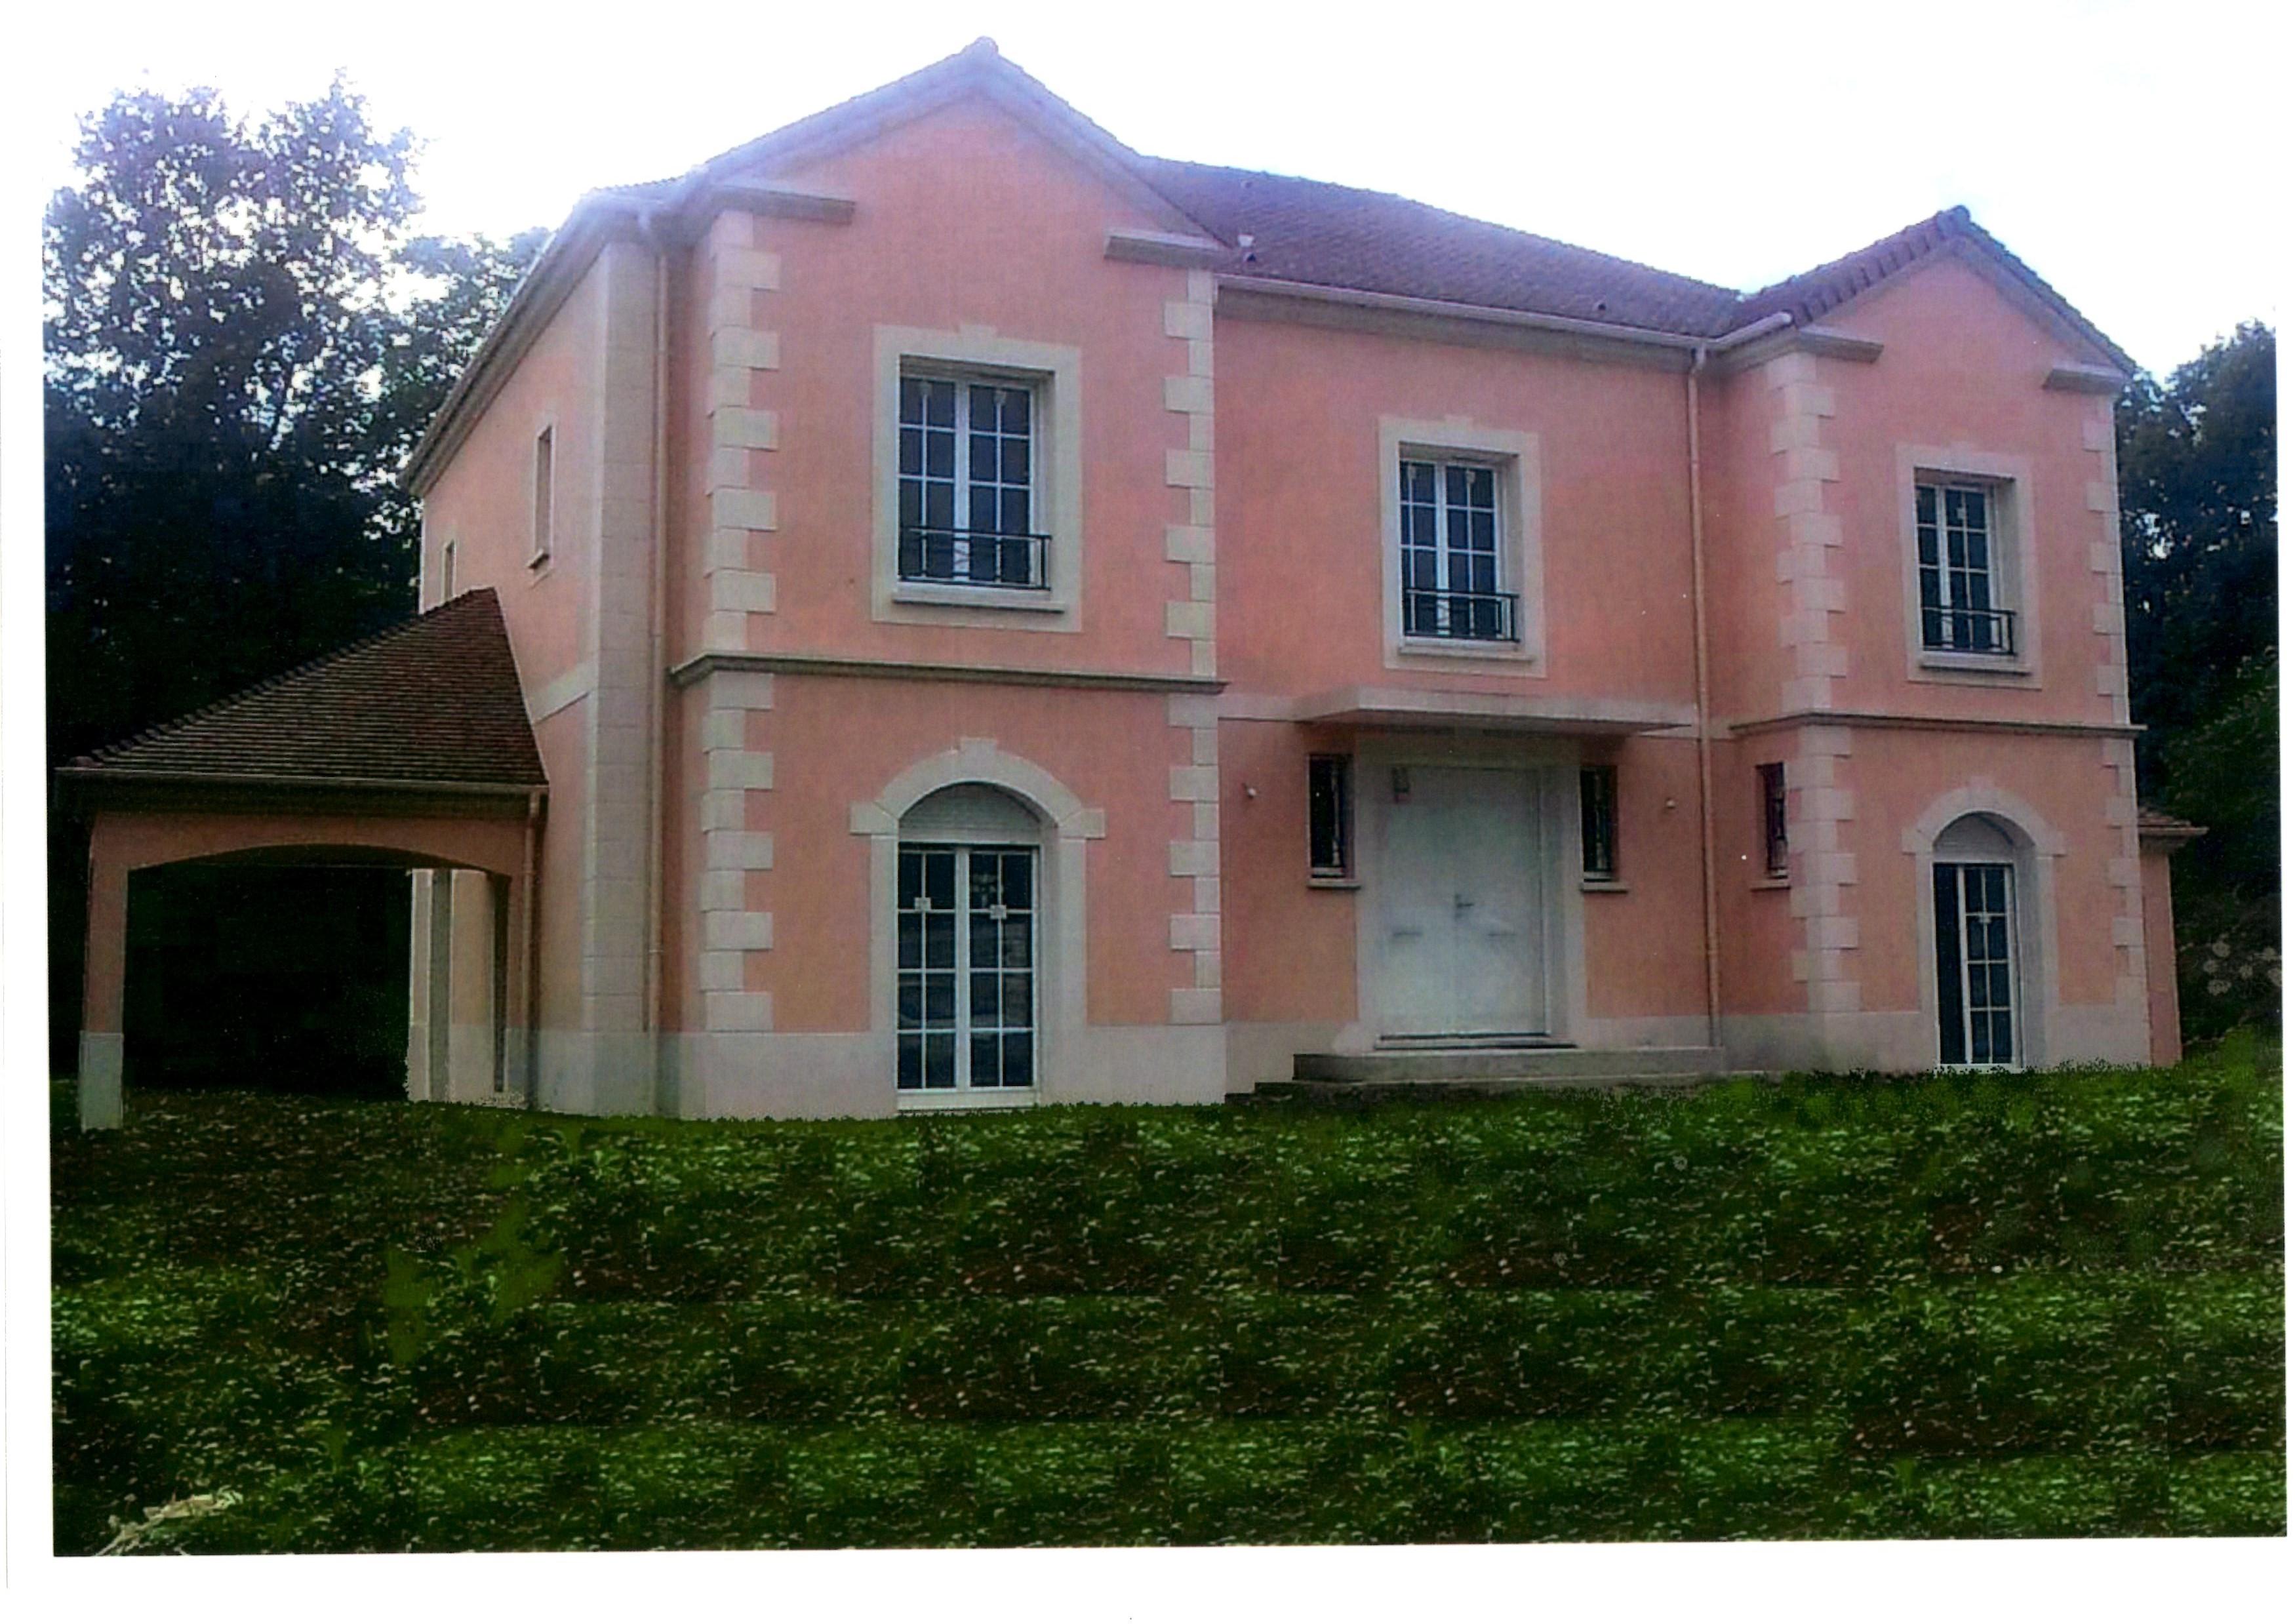 Constructeur De Maison Chartres maison sma - constructeur de maisons - chartres